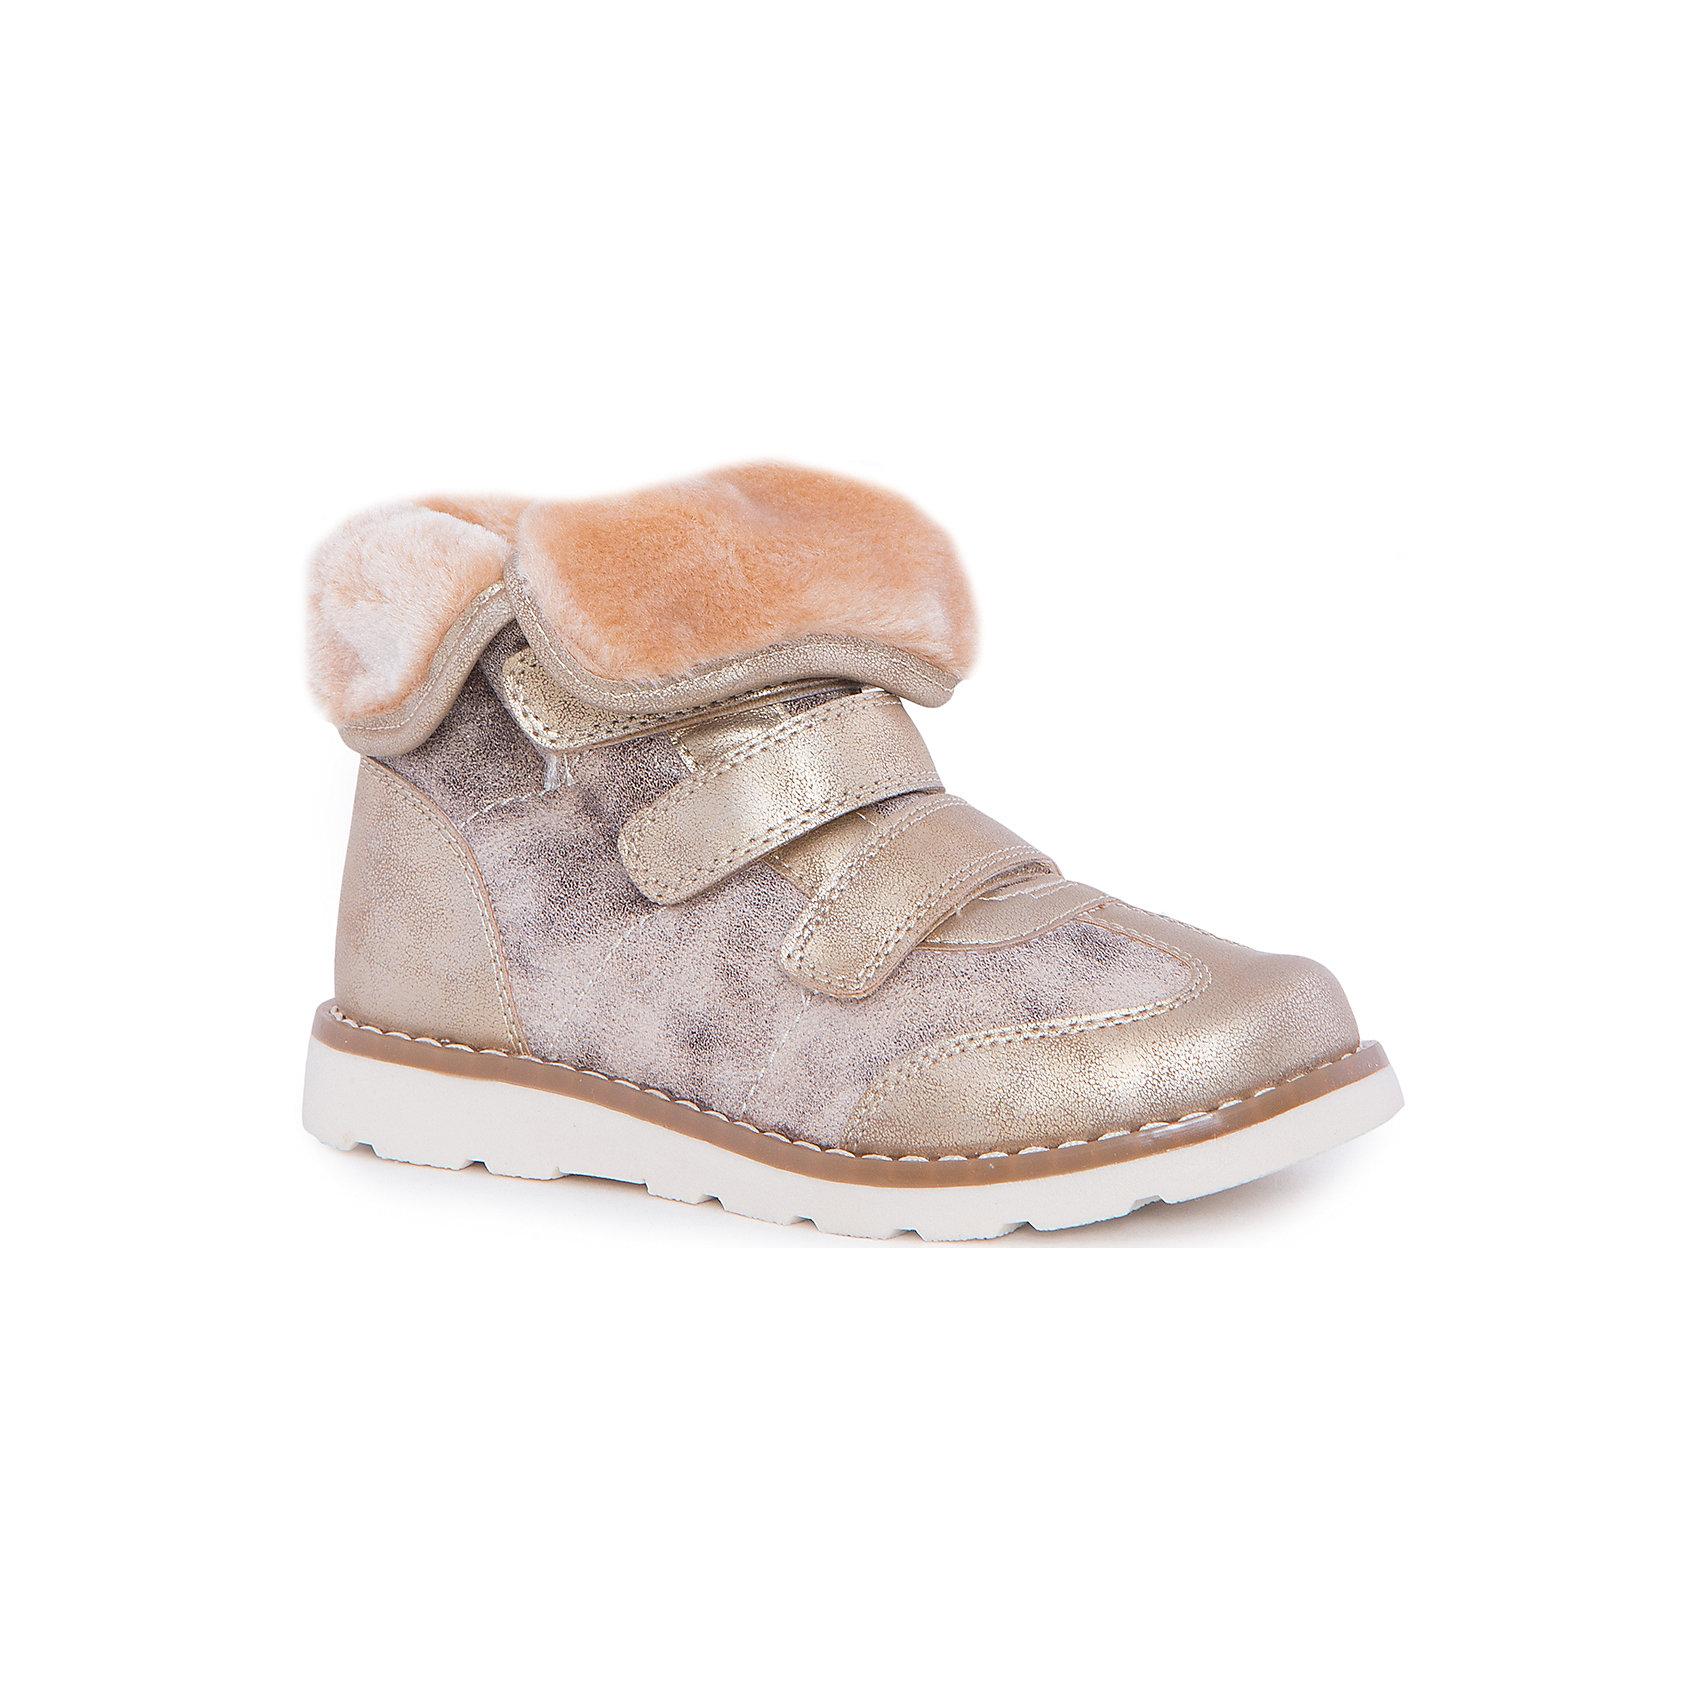 Ботинки для девочки ScoolБотинки для девочки Scool – удобная современная модель.<br>Такие сапожки подойдут под любую одежду. Гибкая подошва делает ходьбу удобной и комфортной. Также на подошве есть рифление, препятствующее скольжению. Обувь сделана с учетом правильного формирования стопы. Застегиваются ботинки на липучки.<br><br>Дополнительная информация:<br><br>- материал: 100% искусственная кожа<br>- цвет: коричневый<br><br>Ботинки для девочки Scool можно купить в нашем интернет магазине.<br><br>Ширина мм: 262<br>Глубина мм: 176<br>Высота мм: 97<br>Вес г: 427<br>Цвет: бежевый<br>Возраст от месяцев: 120<br>Возраст до месяцев: 132<br>Пол: Женский<br>Возраст: Детский<br>Размер: 34,32,31,33,35,36,30<br>SKU: 4912185